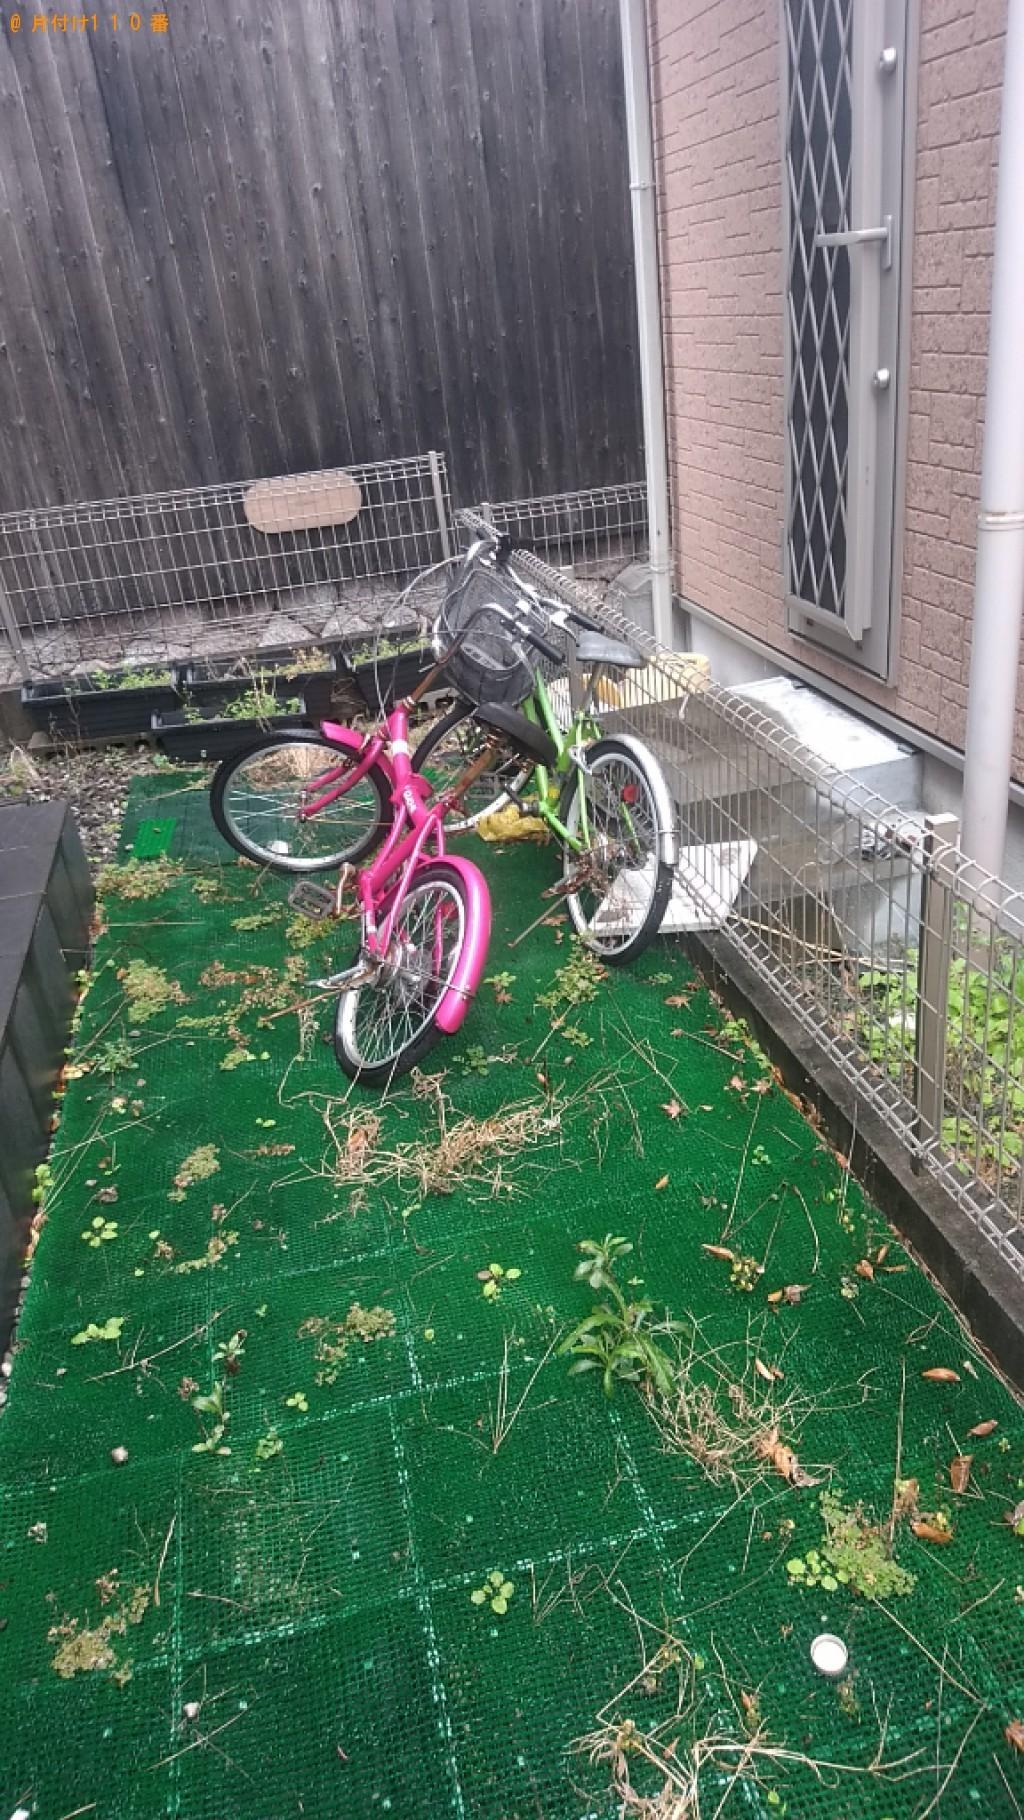 【橿原市中町】四人用ダイニングテーブル、自転車の回収・処分ご依頼